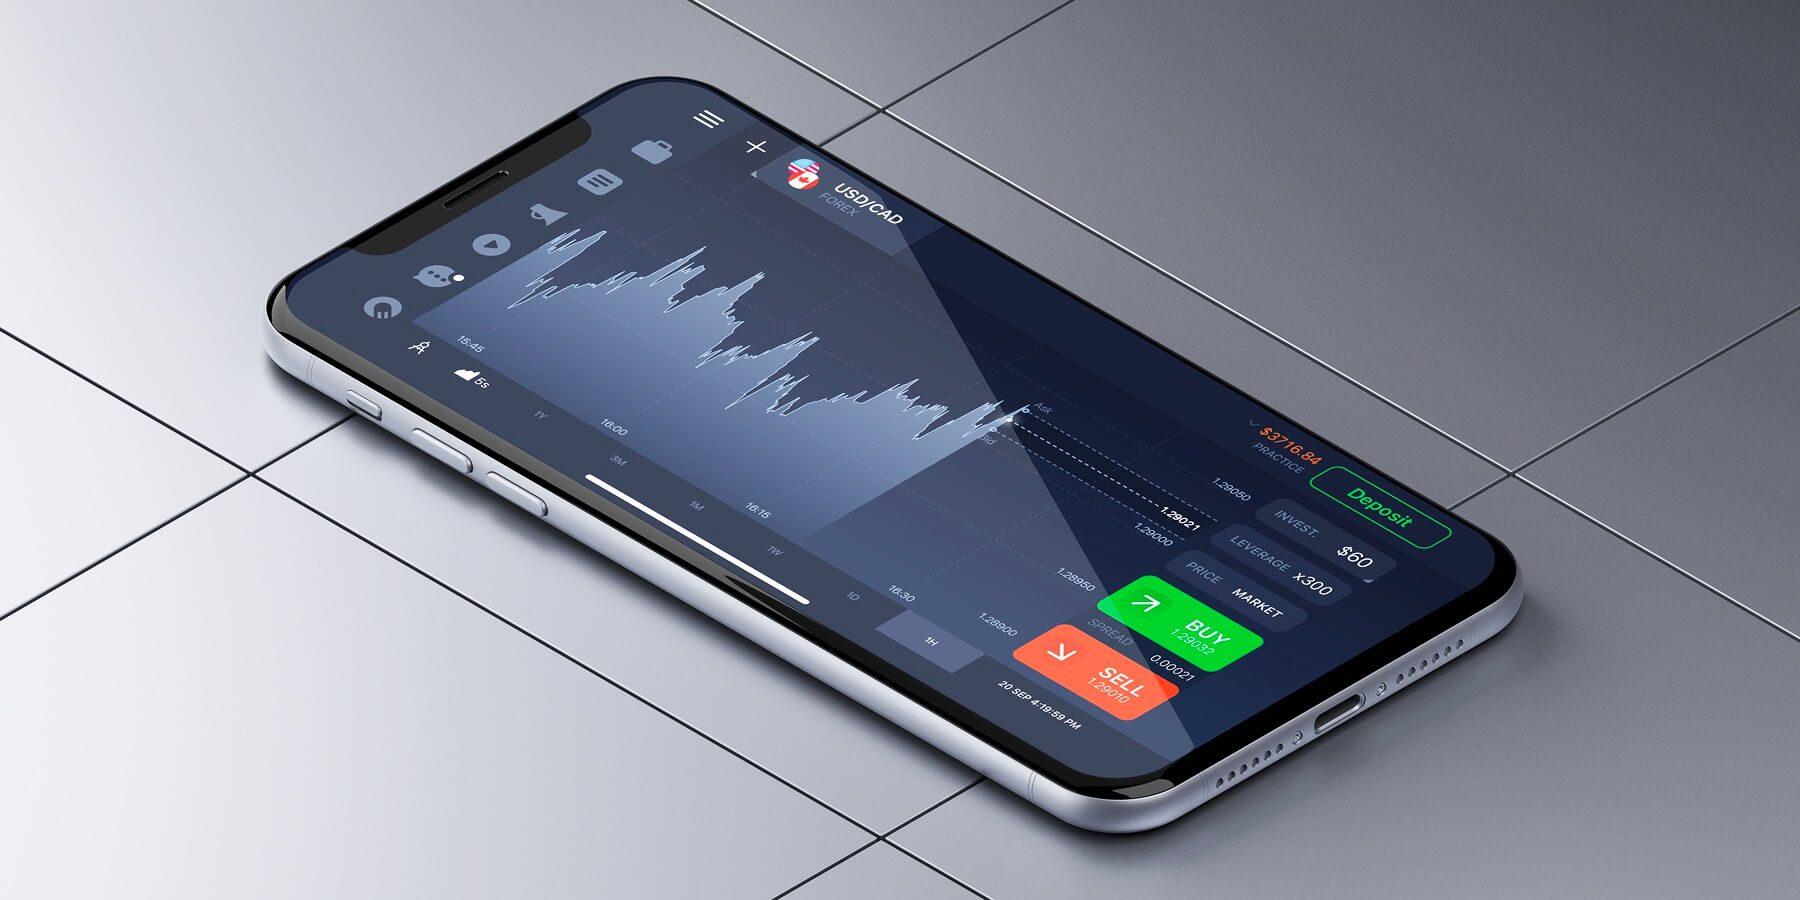 Giao dịch trên điện thoại di động là tương lai